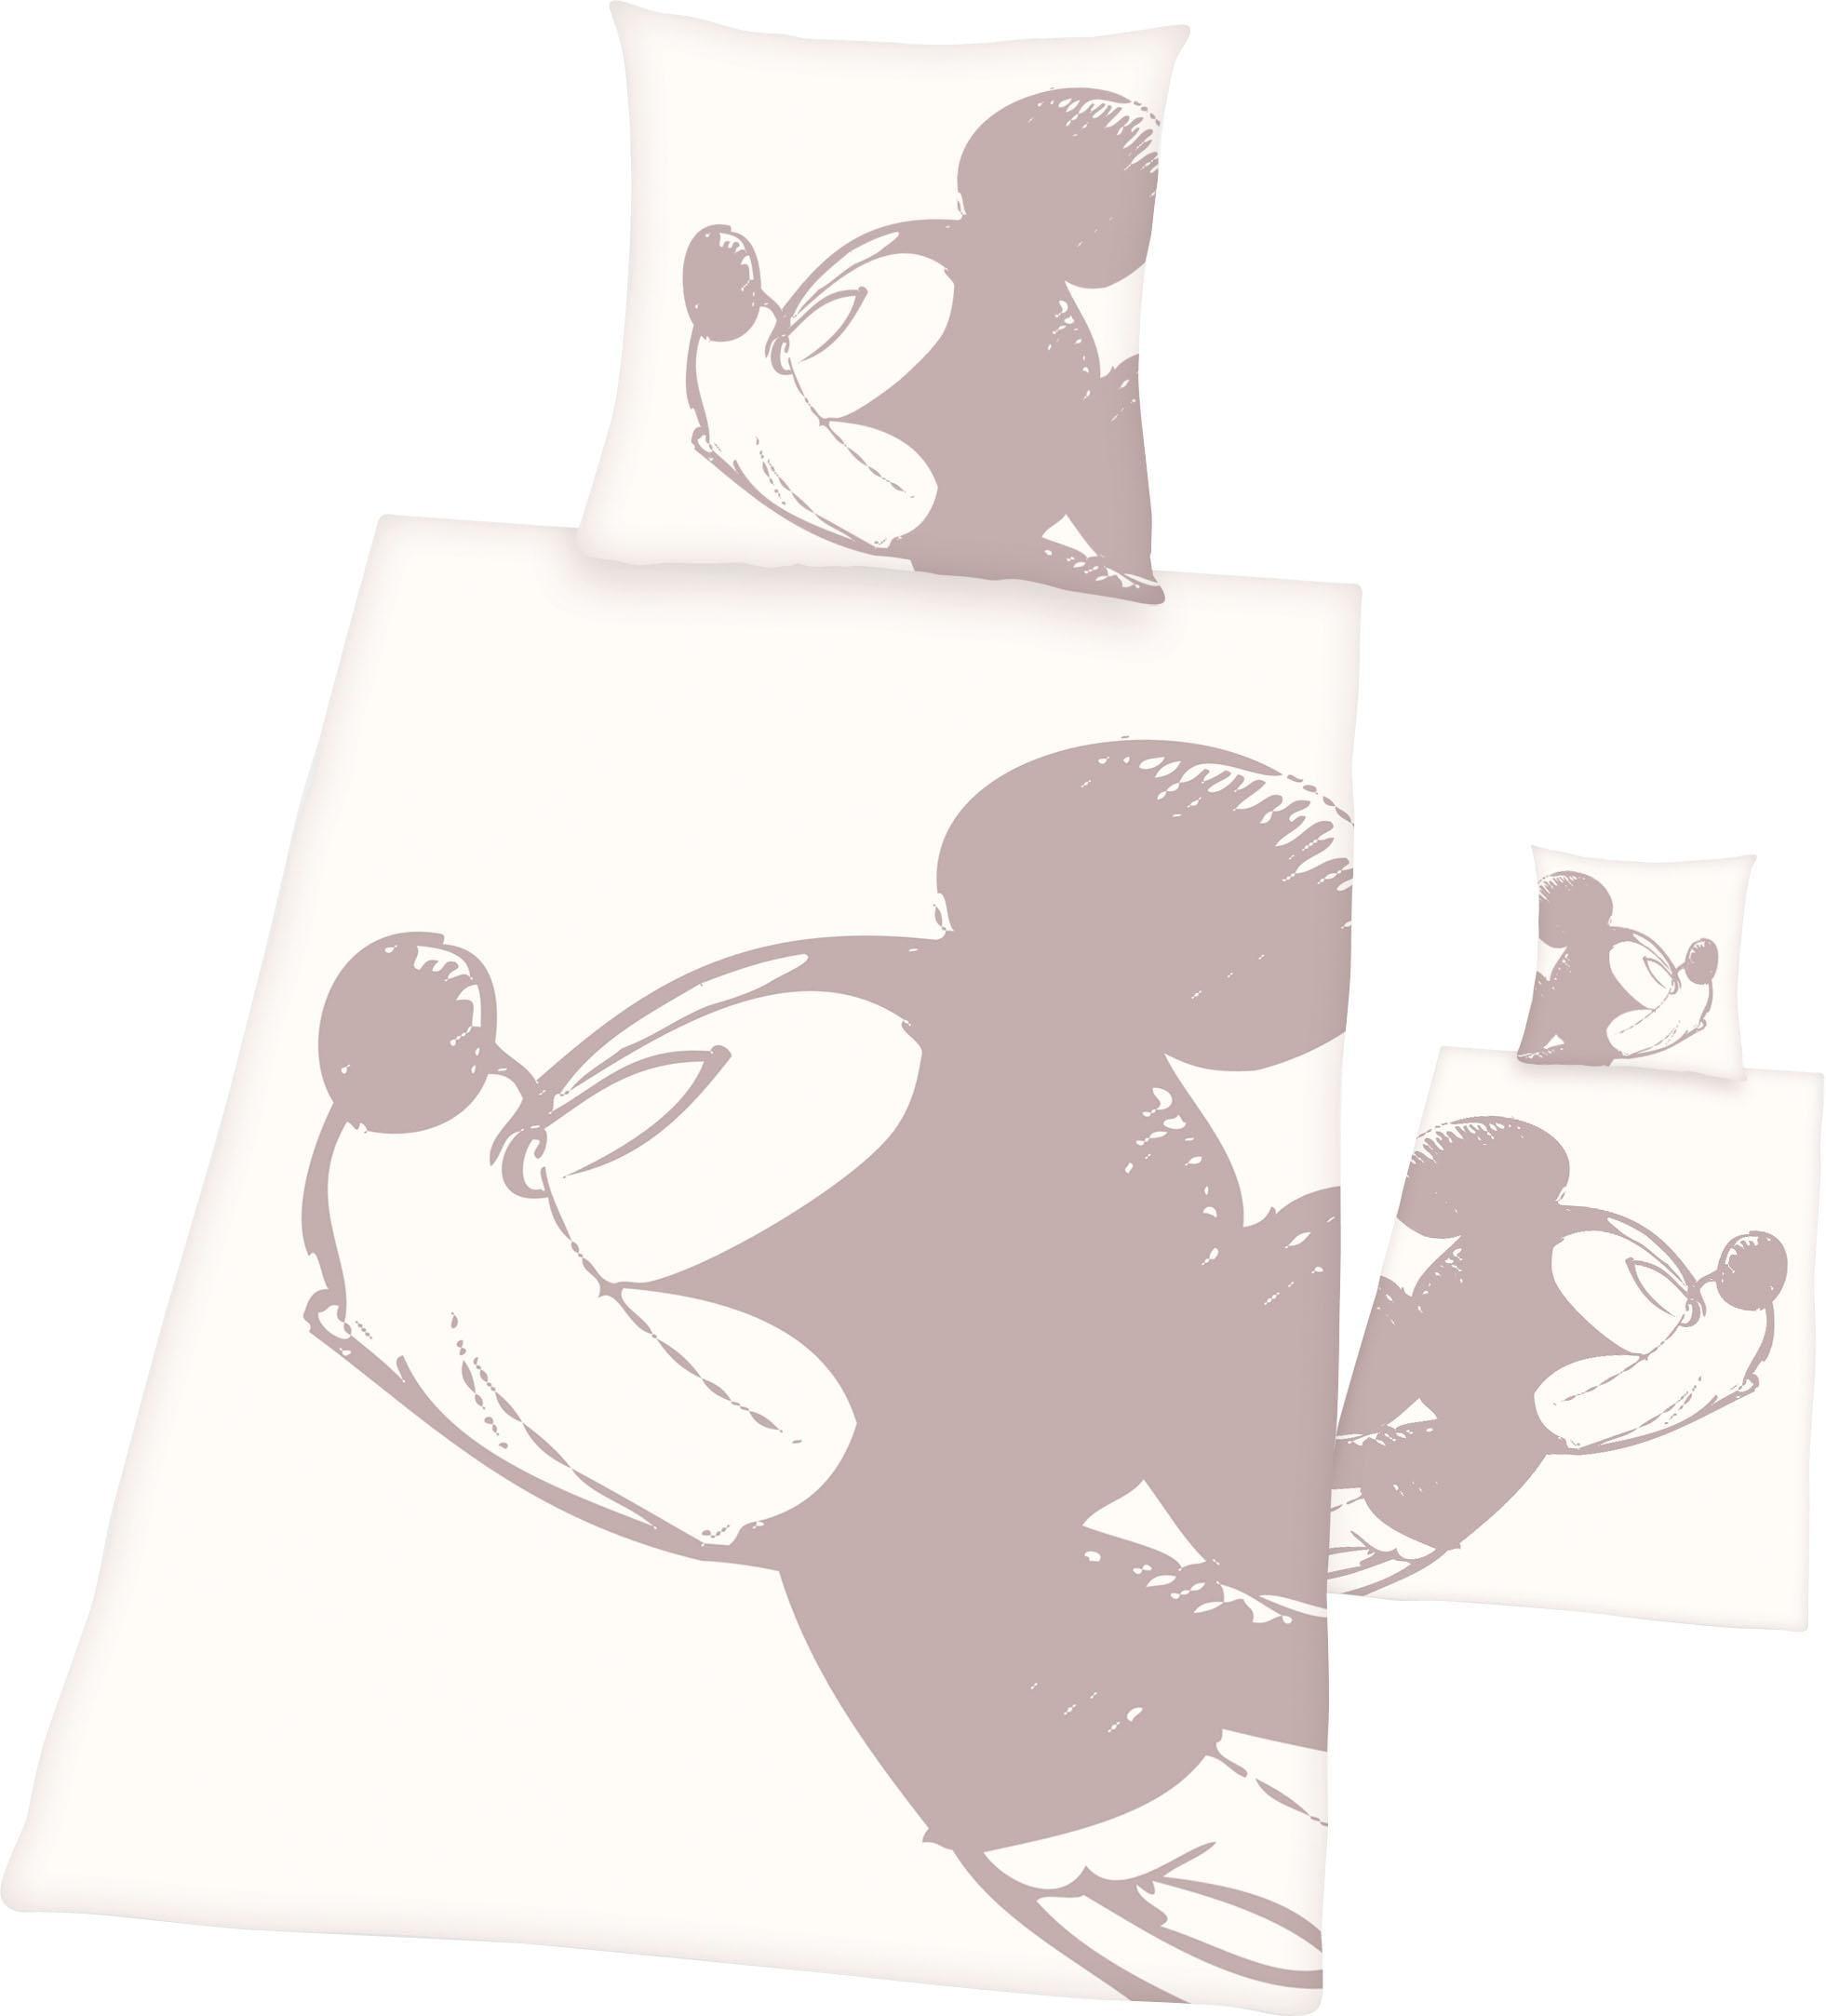 Disney Minnie Maus Minnie Mouse Bettw/äsche 100 /% Baumwolle mit Knopfleiste Wendebettw/äsche 1 x Kissenbezug 80 x 80 cm und 1 x Bettbezug 135 x 200 cm